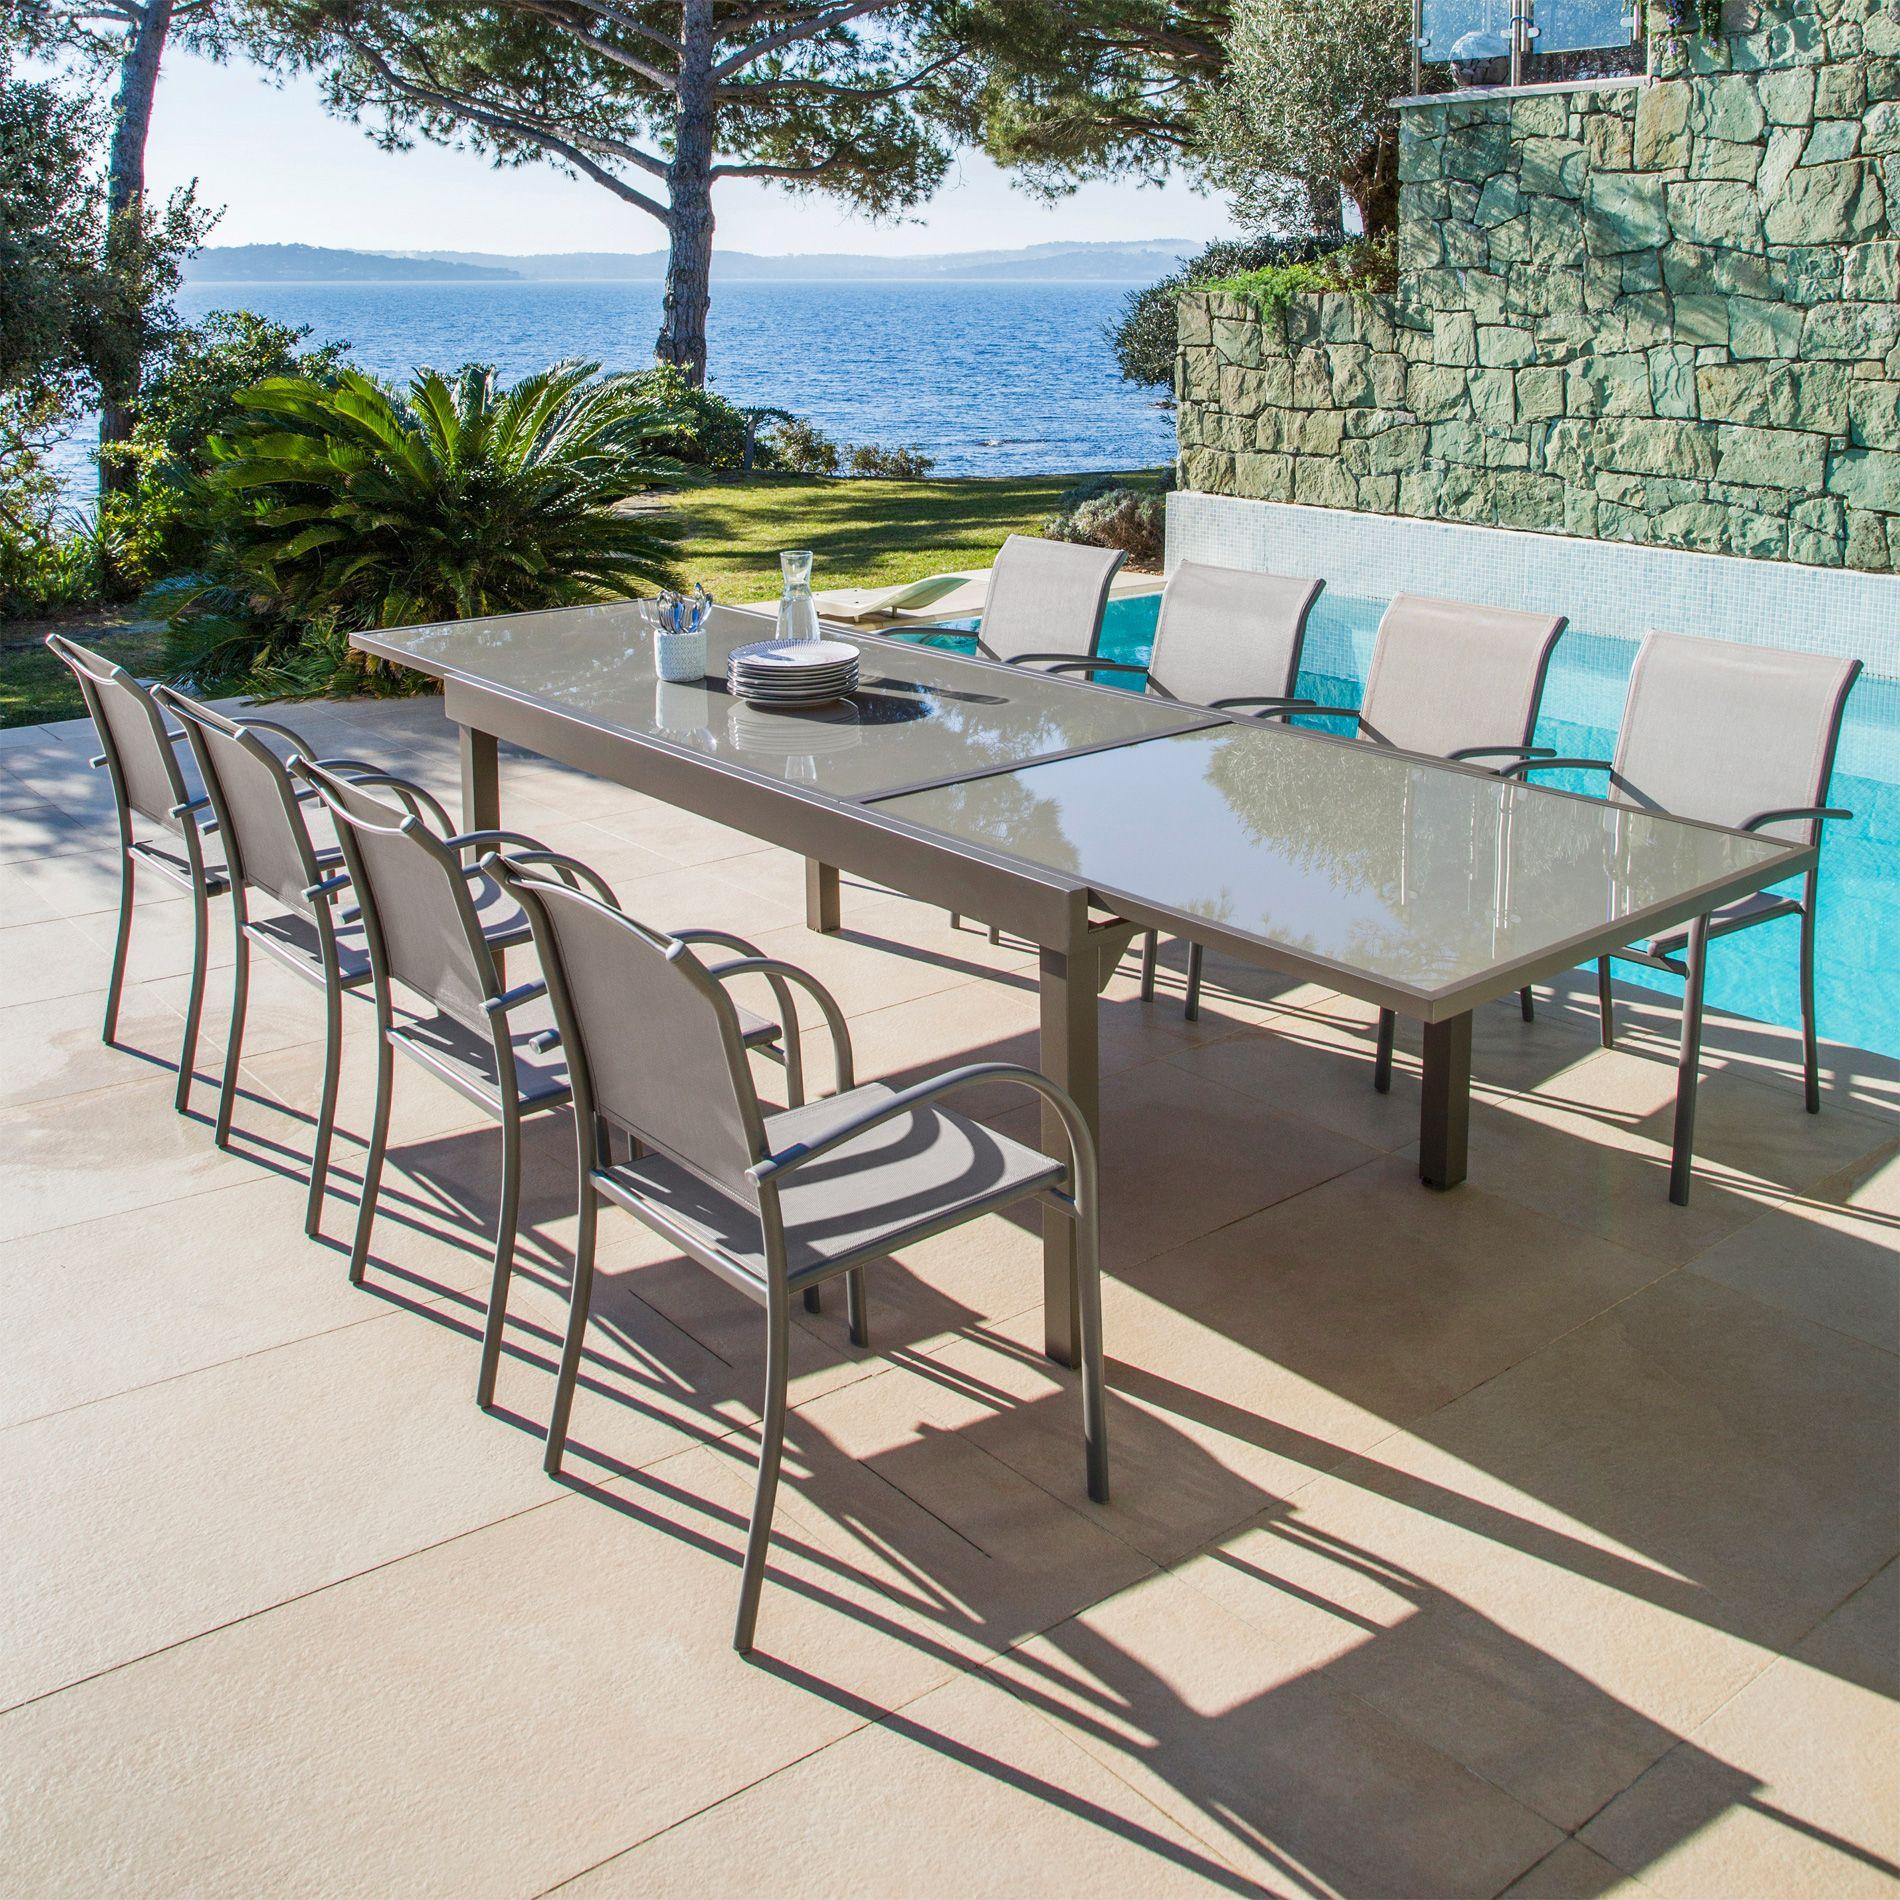 Table De Jardin Extensible 12 Places En Verre Murano 320 X 100 Cm Taupe Salon De Jardin Table Et Chaise Table De Jardin Table Et Chaises Salon De Jardin